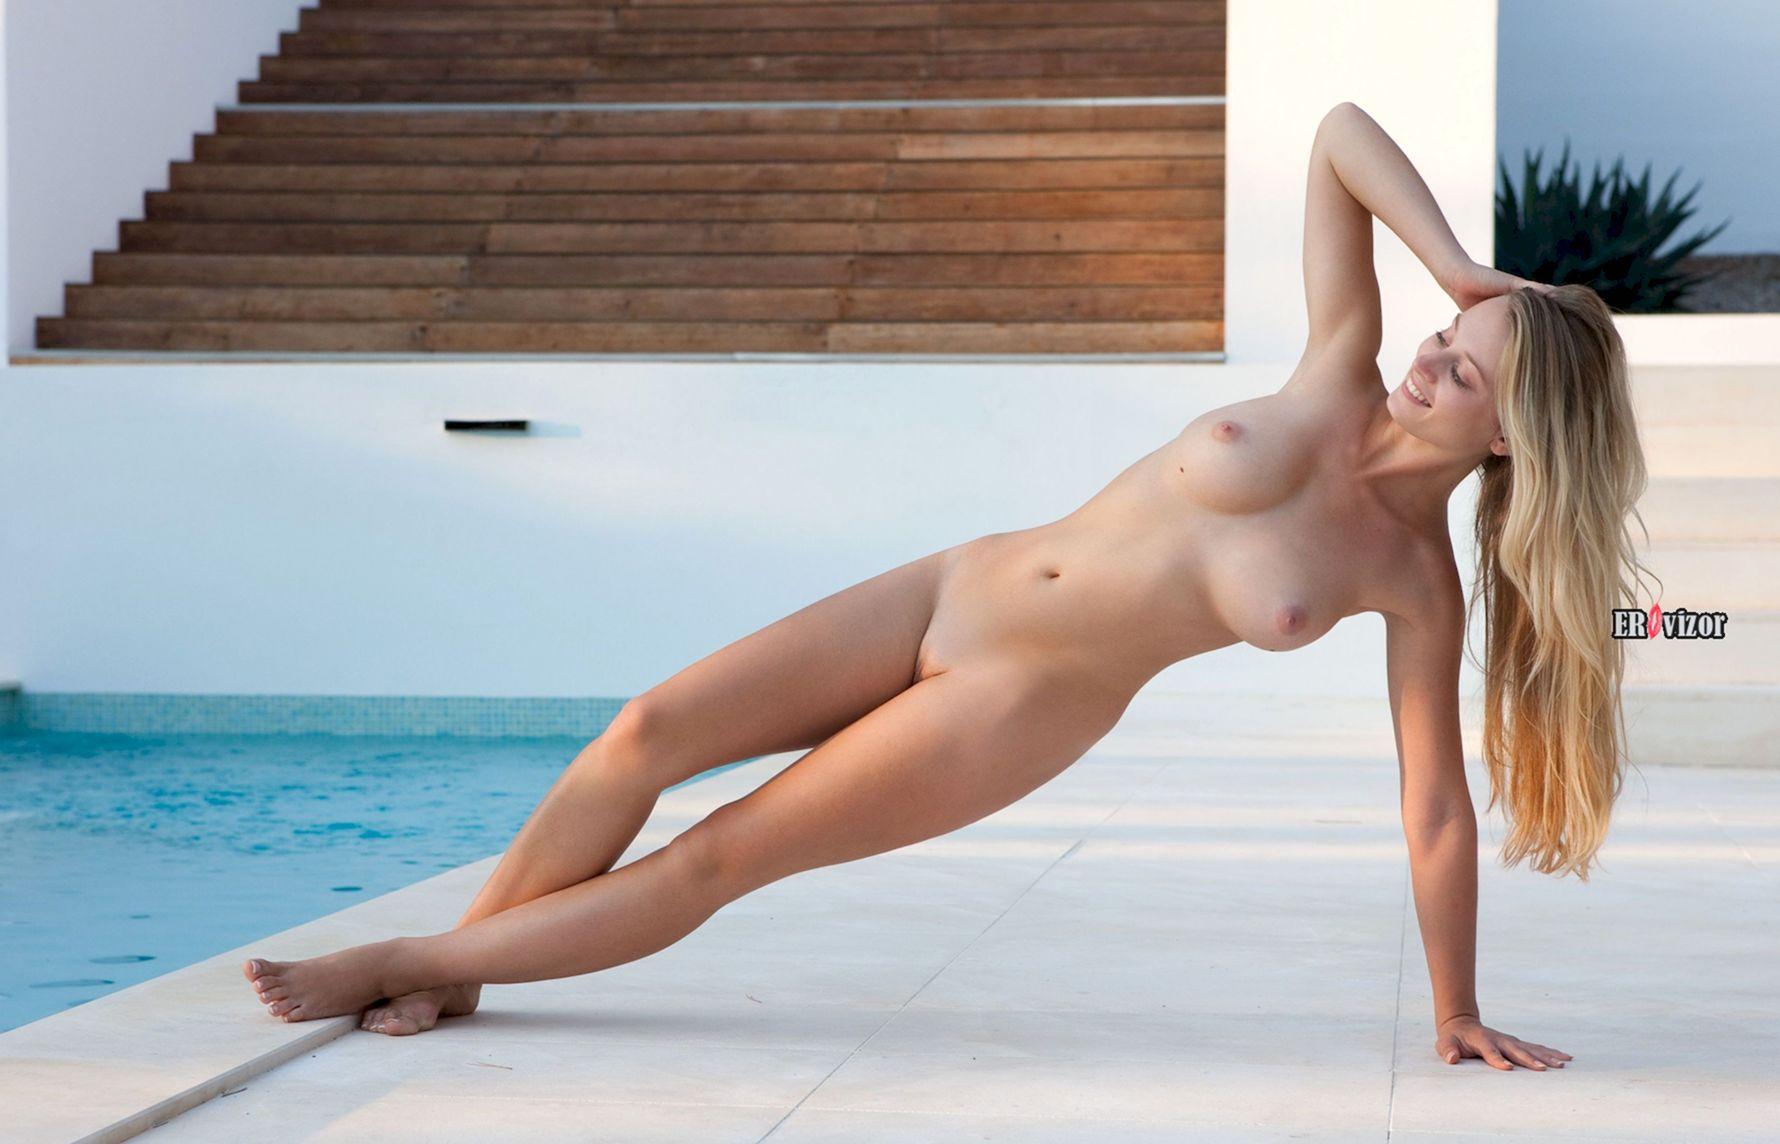 Красотка с клевой большой грудью у бассейна